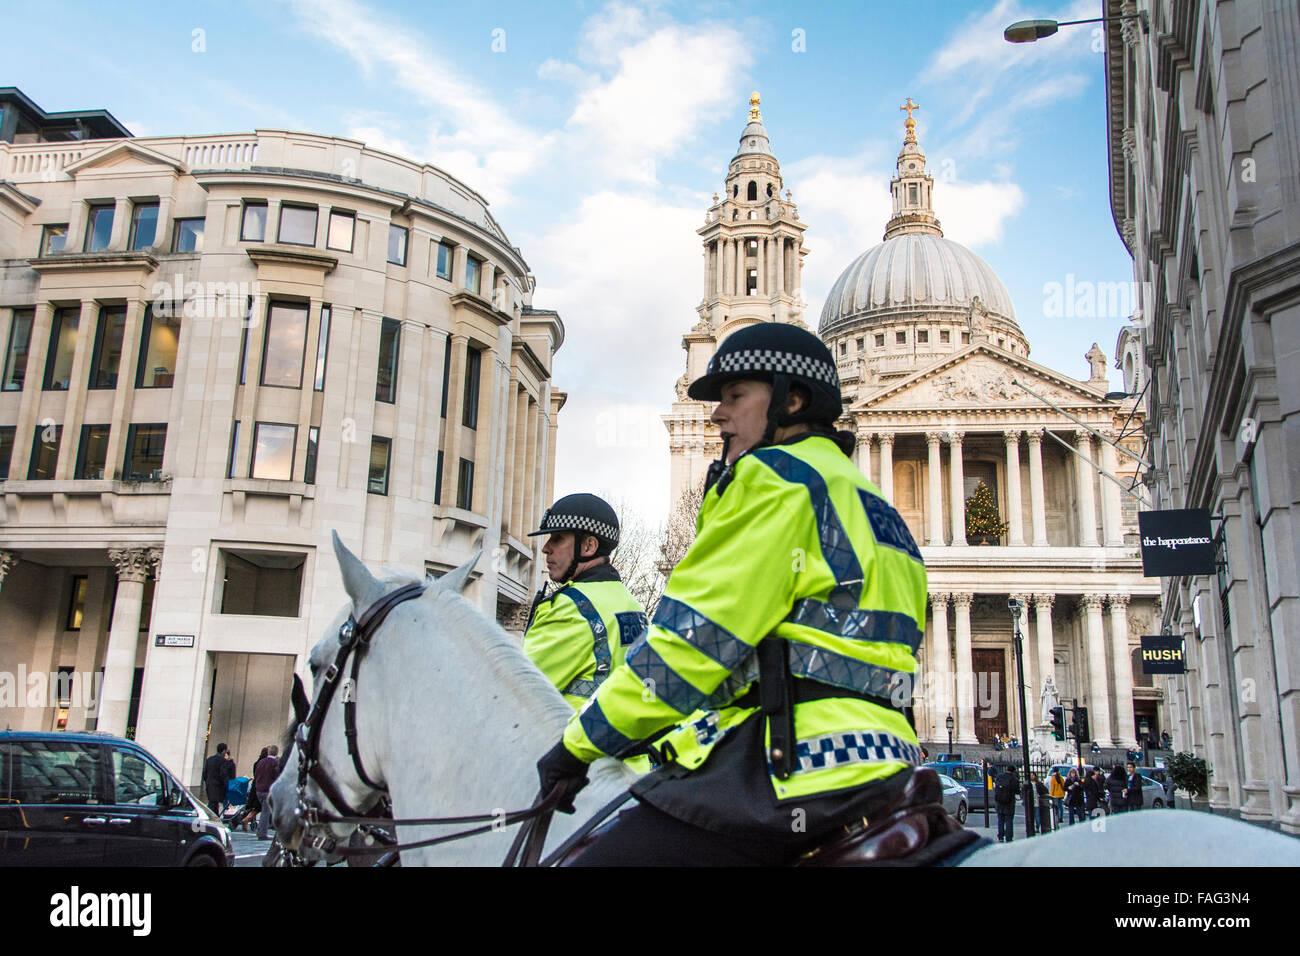 La policía montada delante de la Catedral de San Pablo en Londres, Inglaterra, Reino Unido. Imagen De Stock